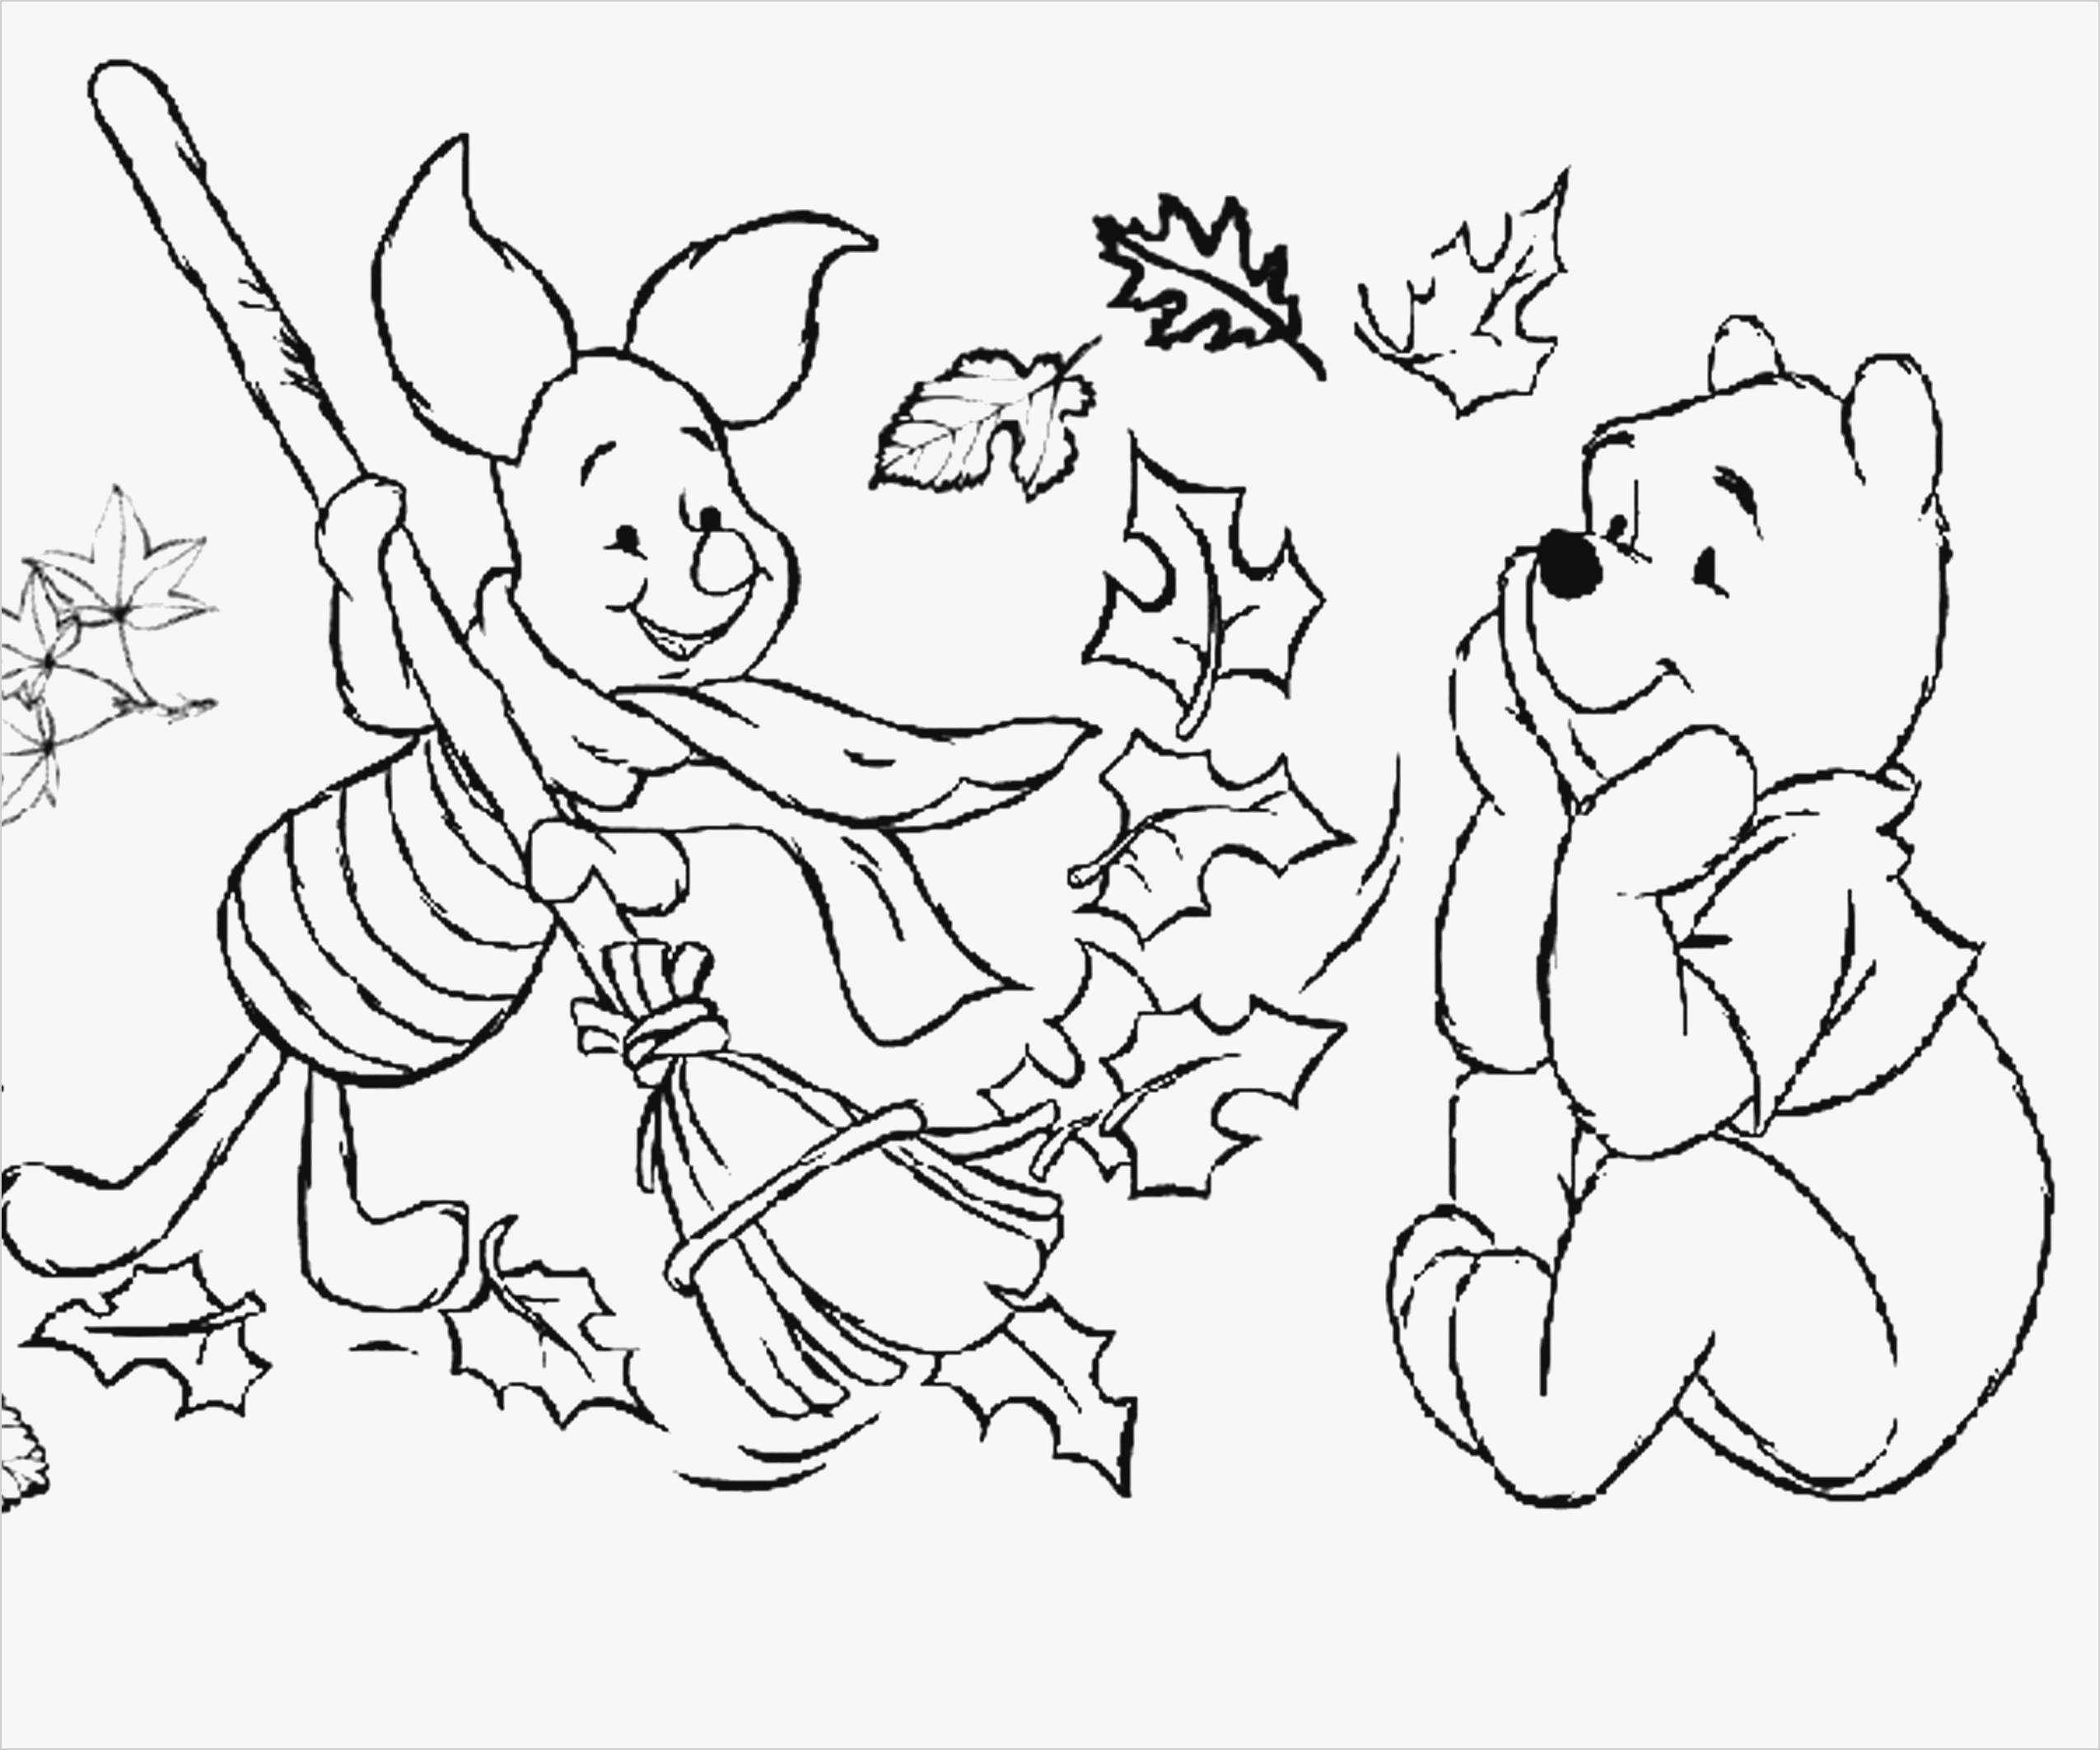 60 Das Beste Von Ausmalbilder Disney Weihnachten Bild Pokemon Malvorlagen Malvorlage Prinzessin Herbst Ausmalvorlagen